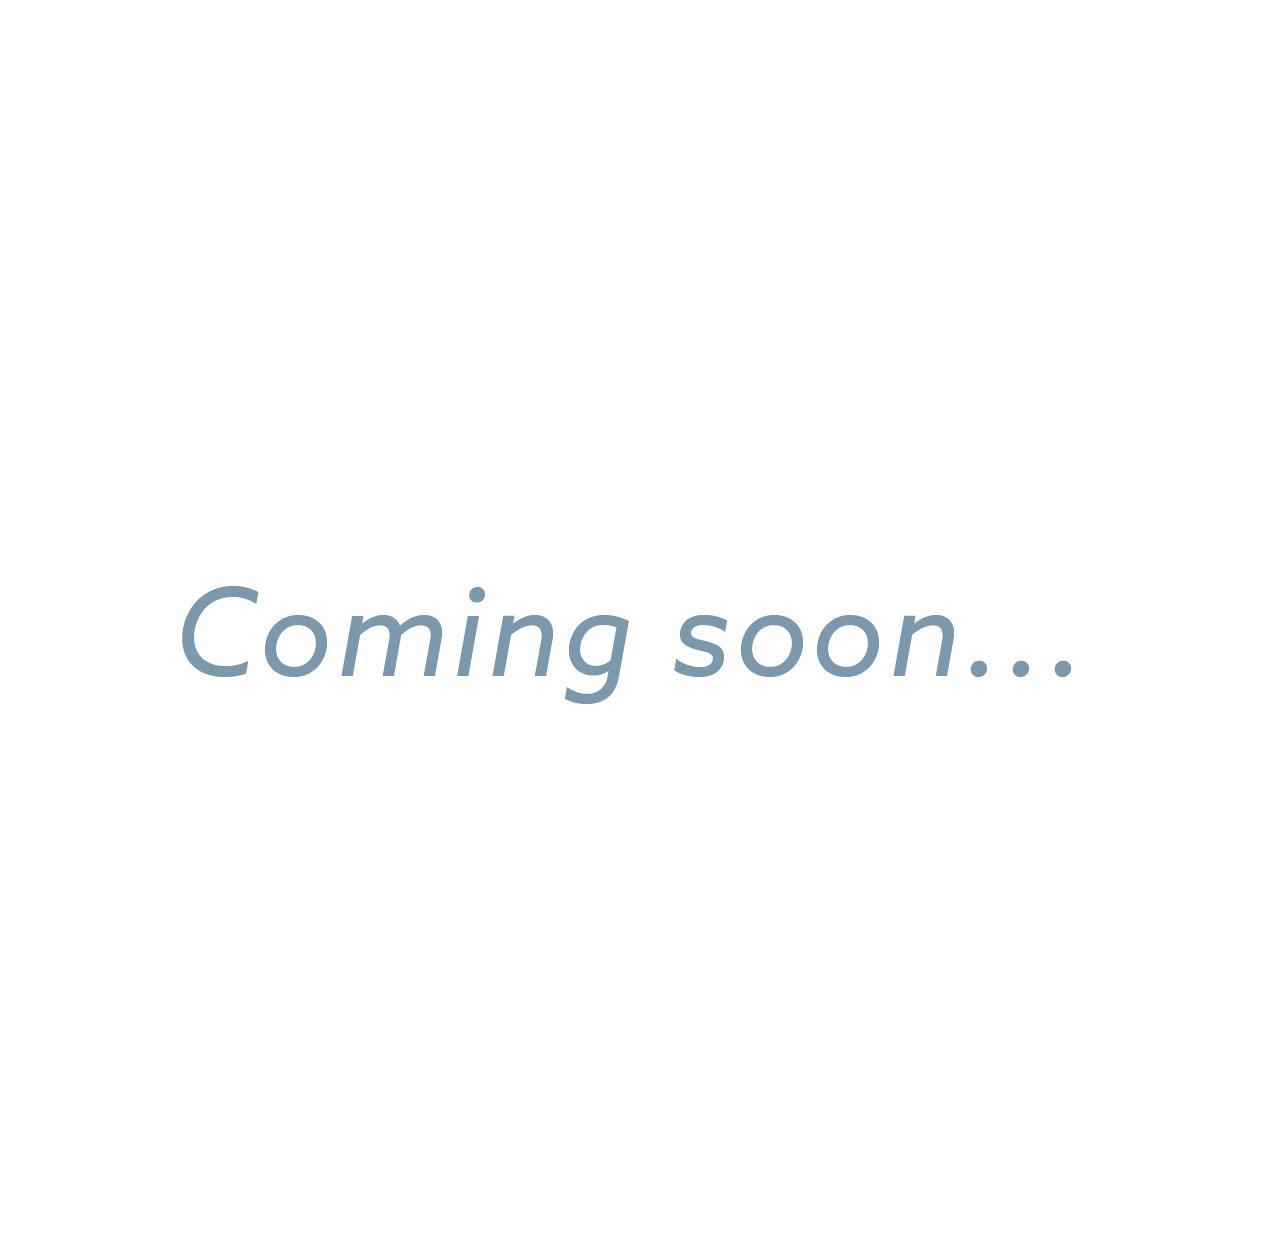 Coming soon...2.jpg